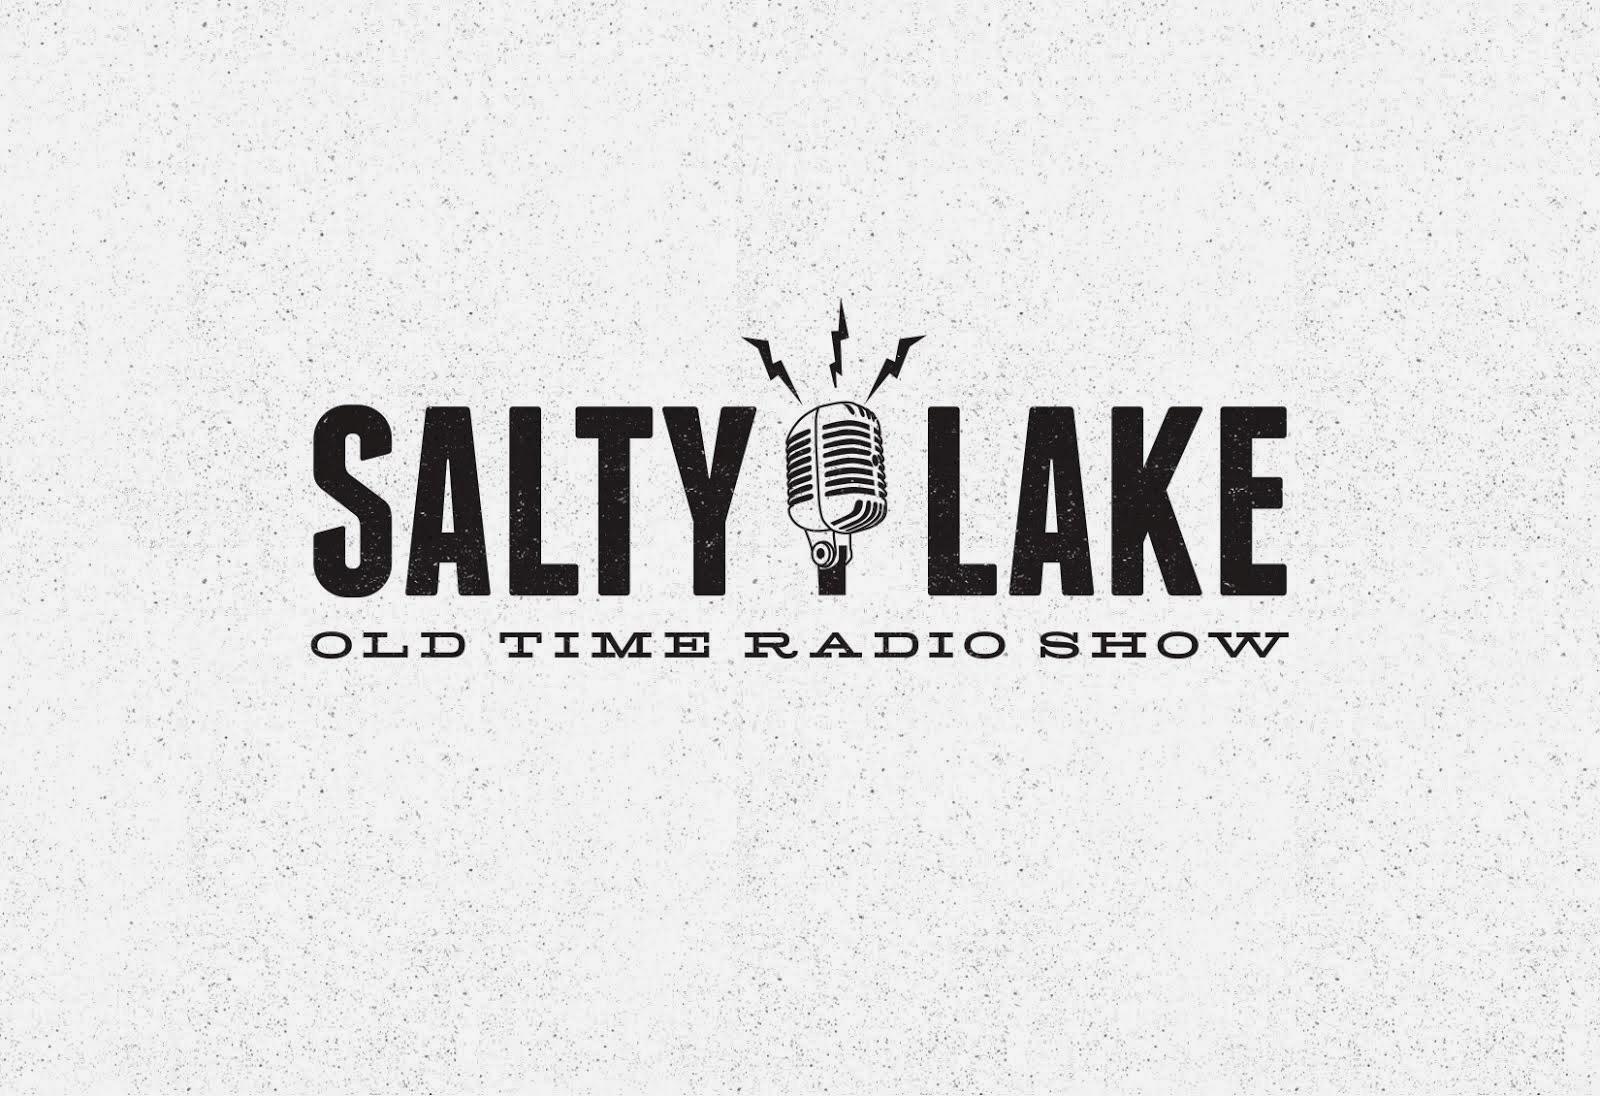 Salty Lake Old Time Radio